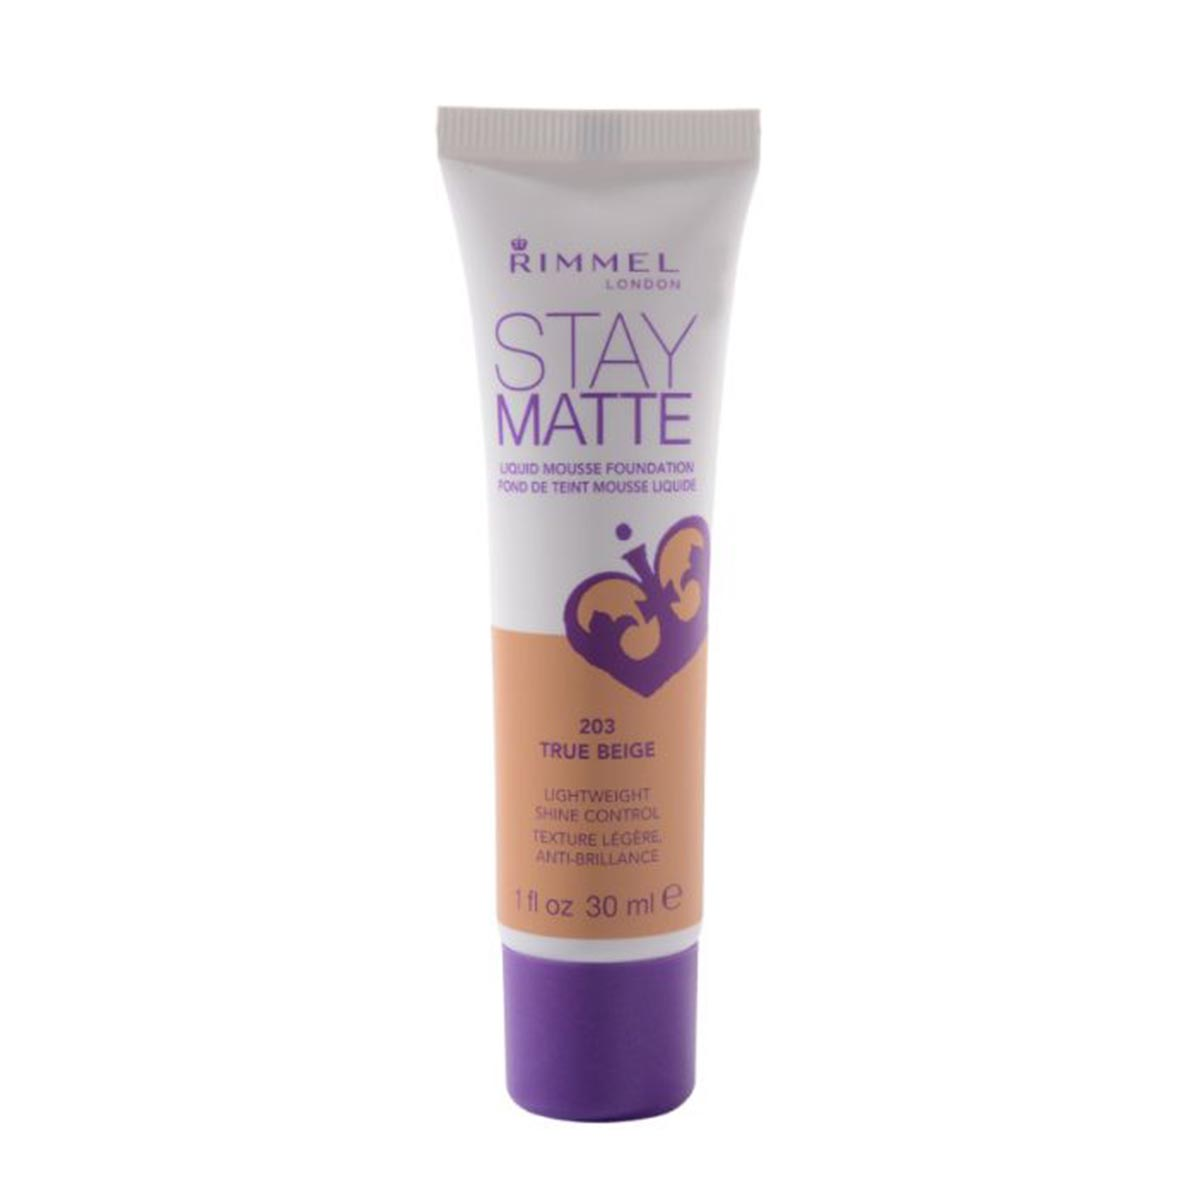 ... Rimmel London Stay Matte Liquid Mousse Foundation 203 True Beige. Share it! 3607342675810.jpg